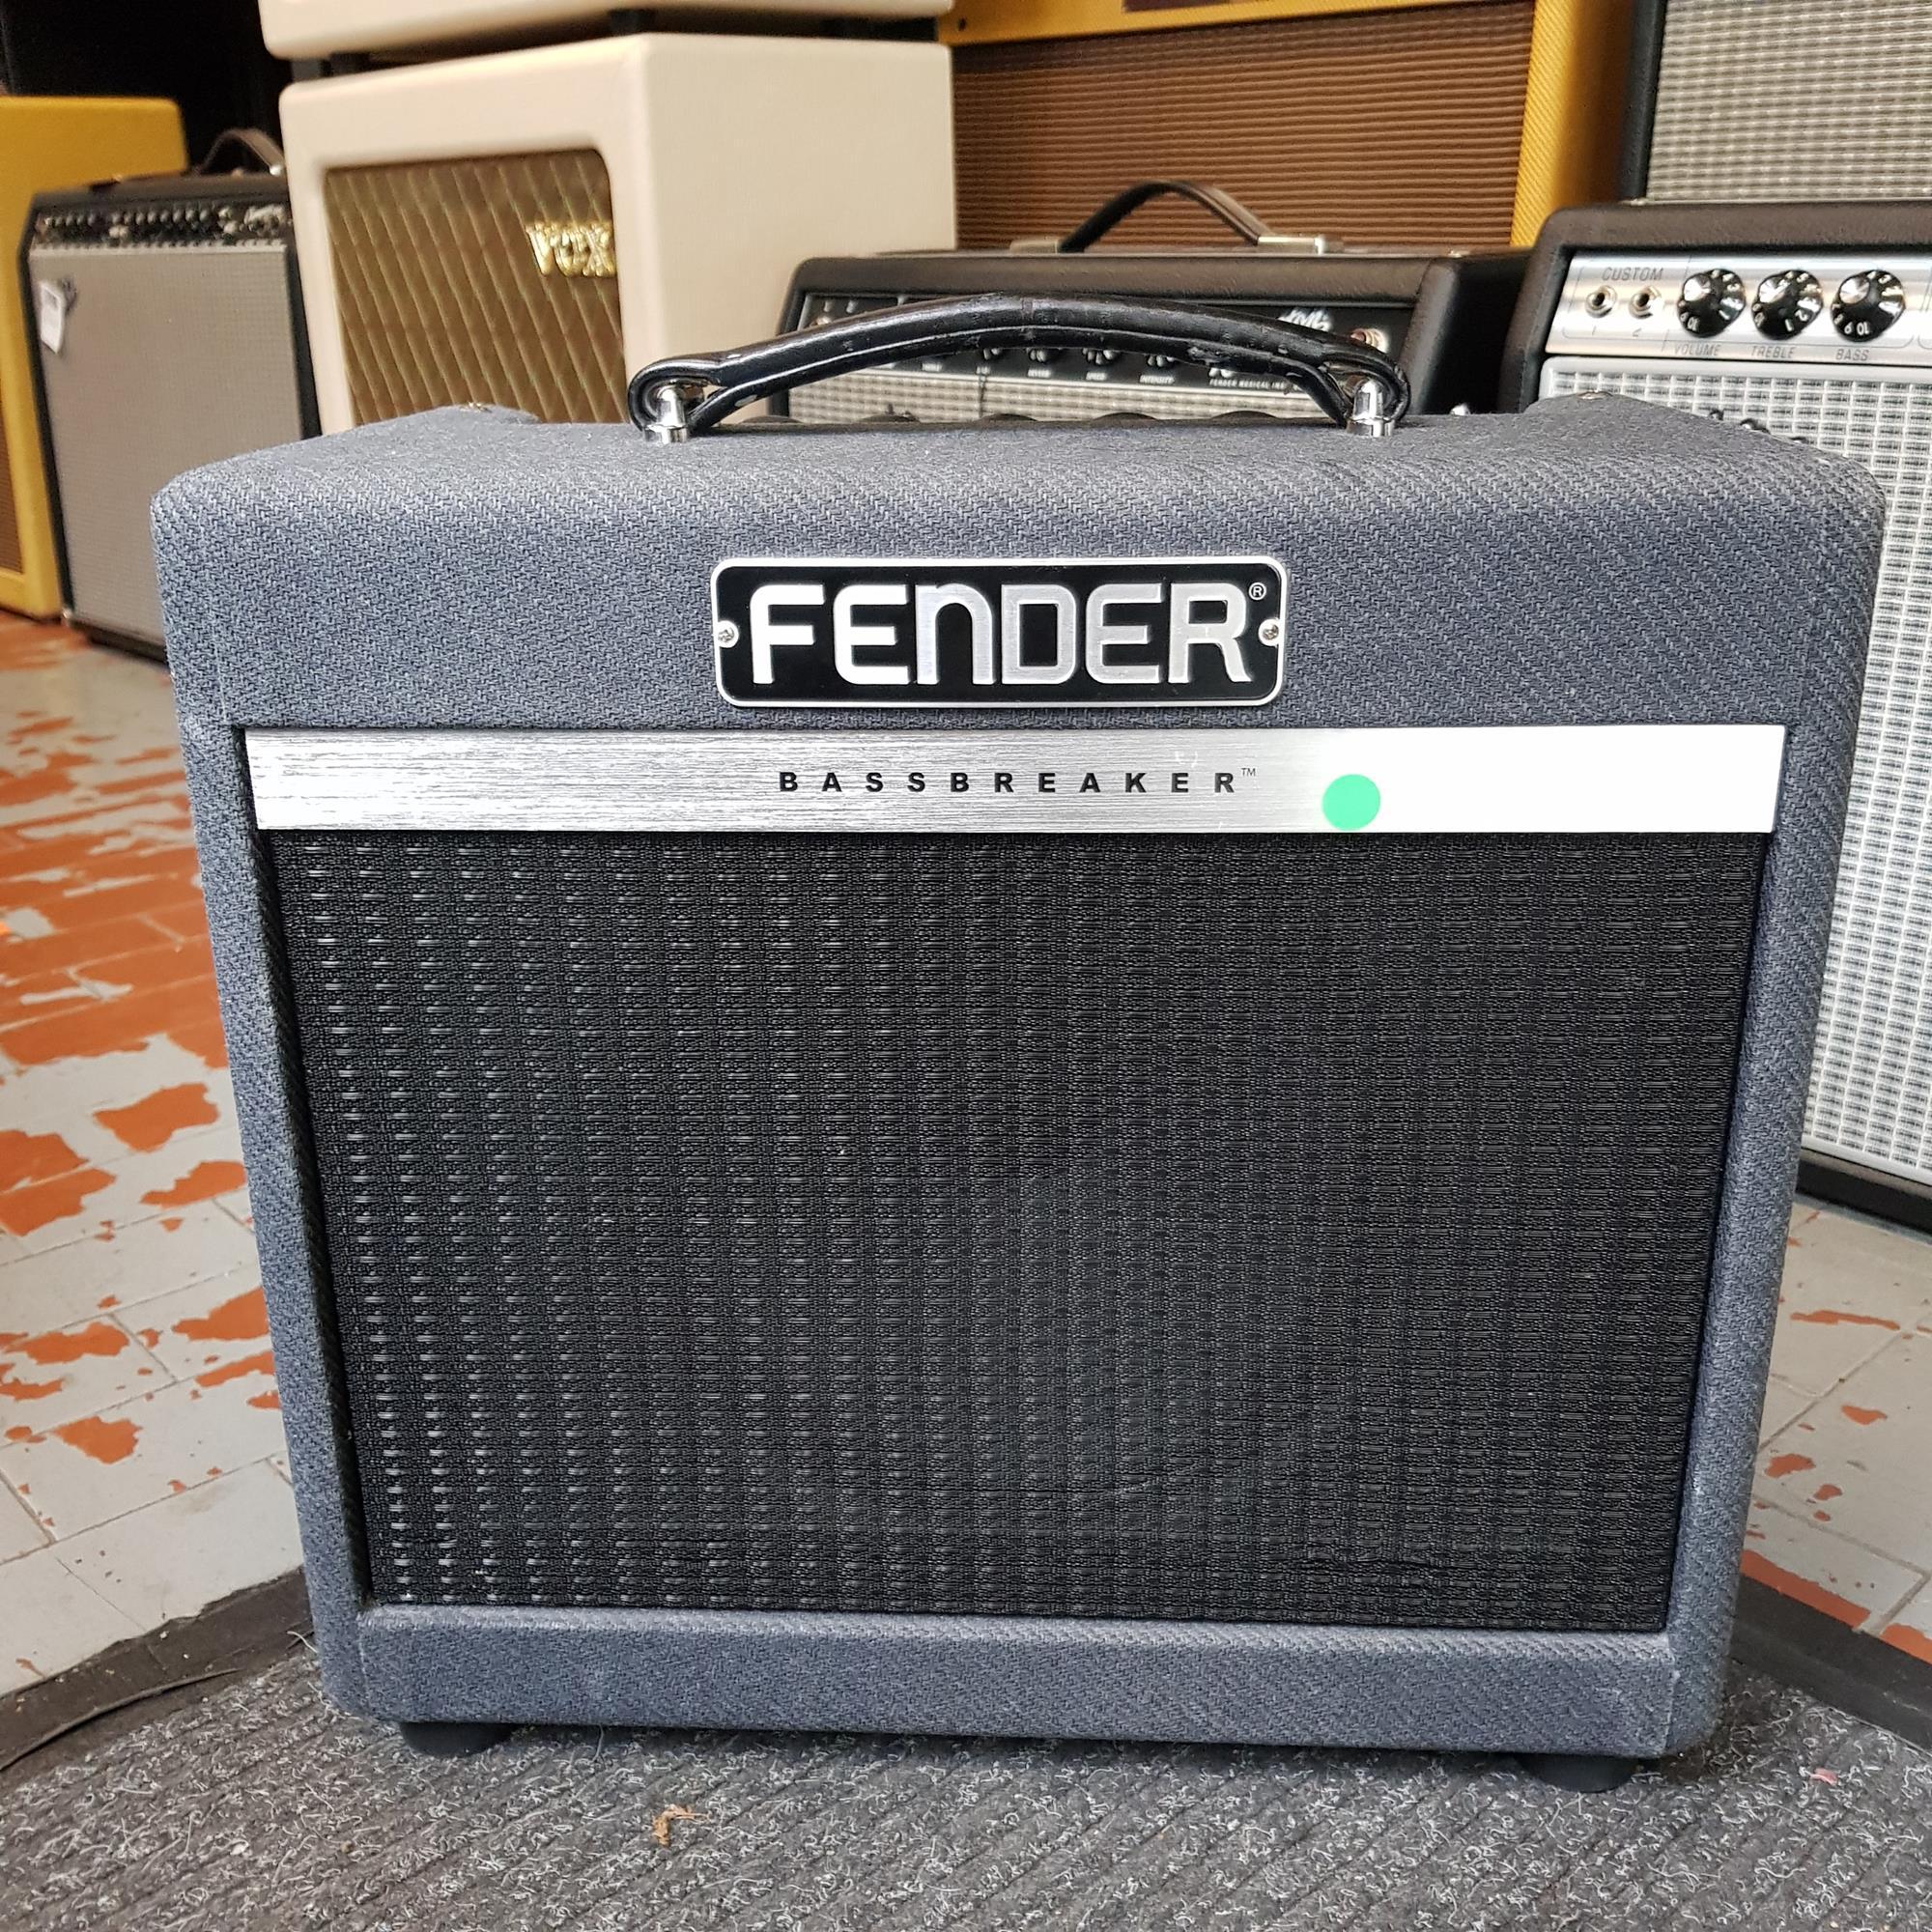 FENDER-BASSBREAKER-007-sku-1603549396426